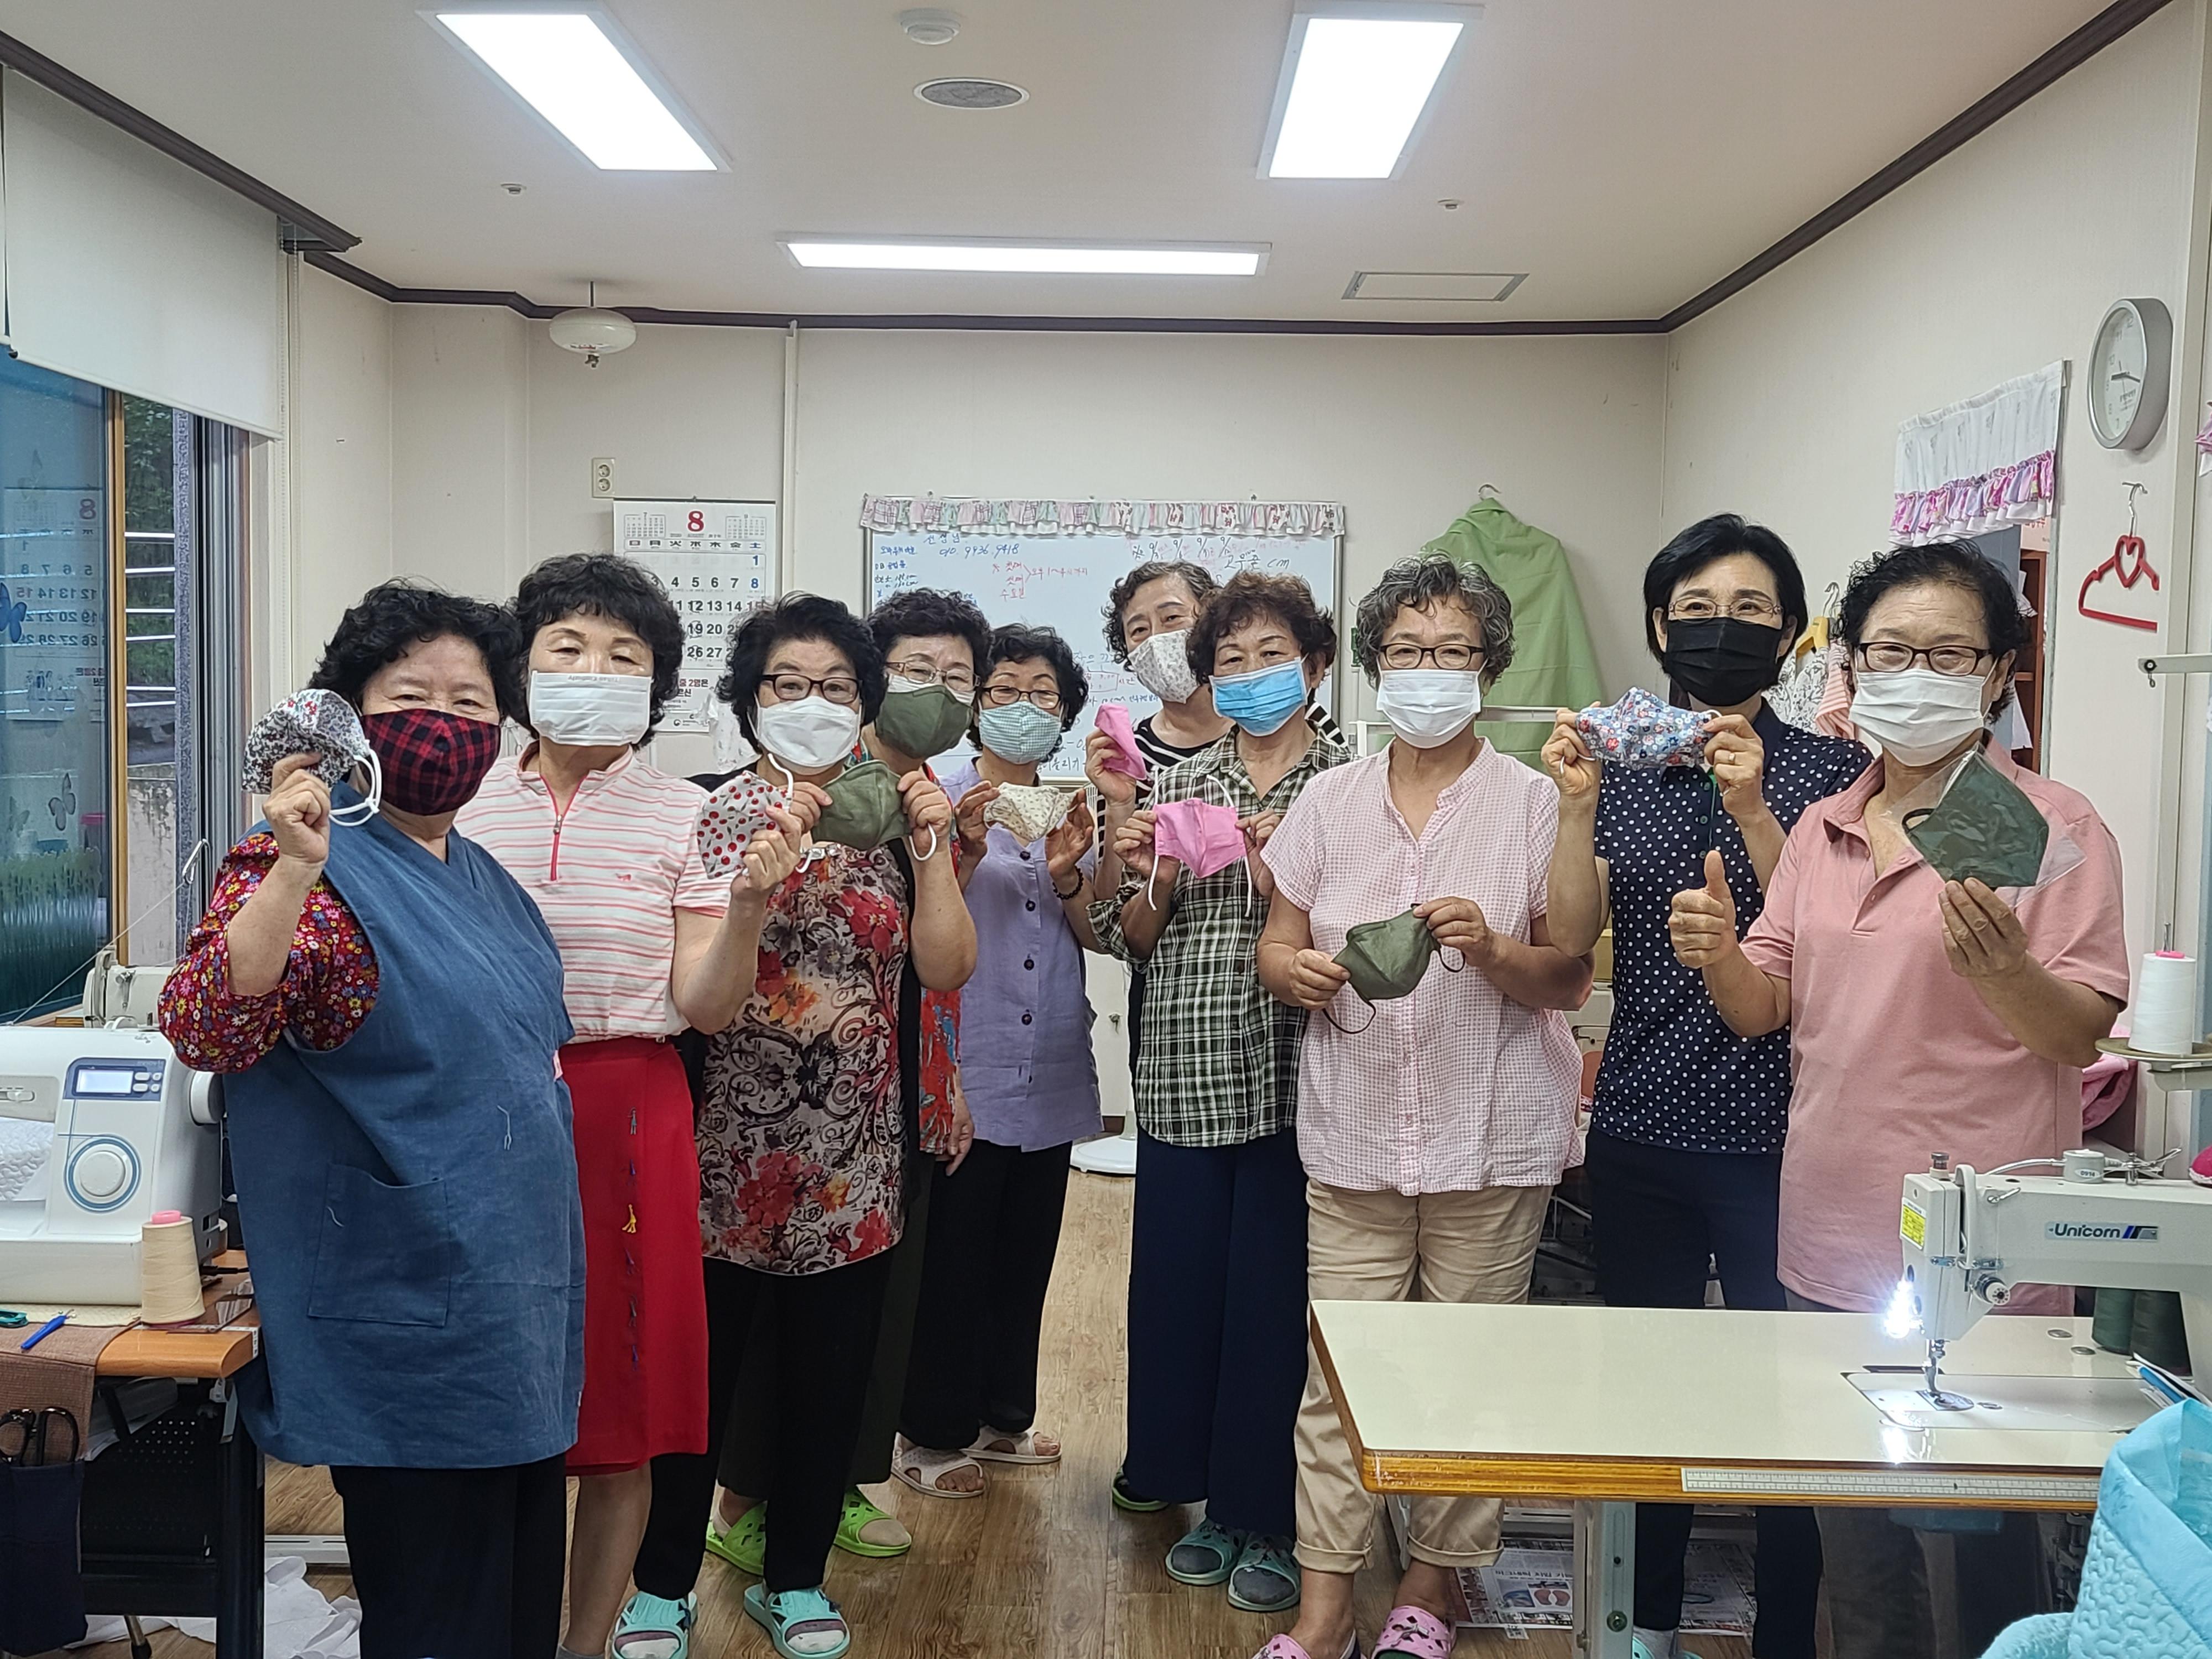 증평군노인복지관, 노인일자리 어르신들이 제작한 마스크 판매 [이미지]